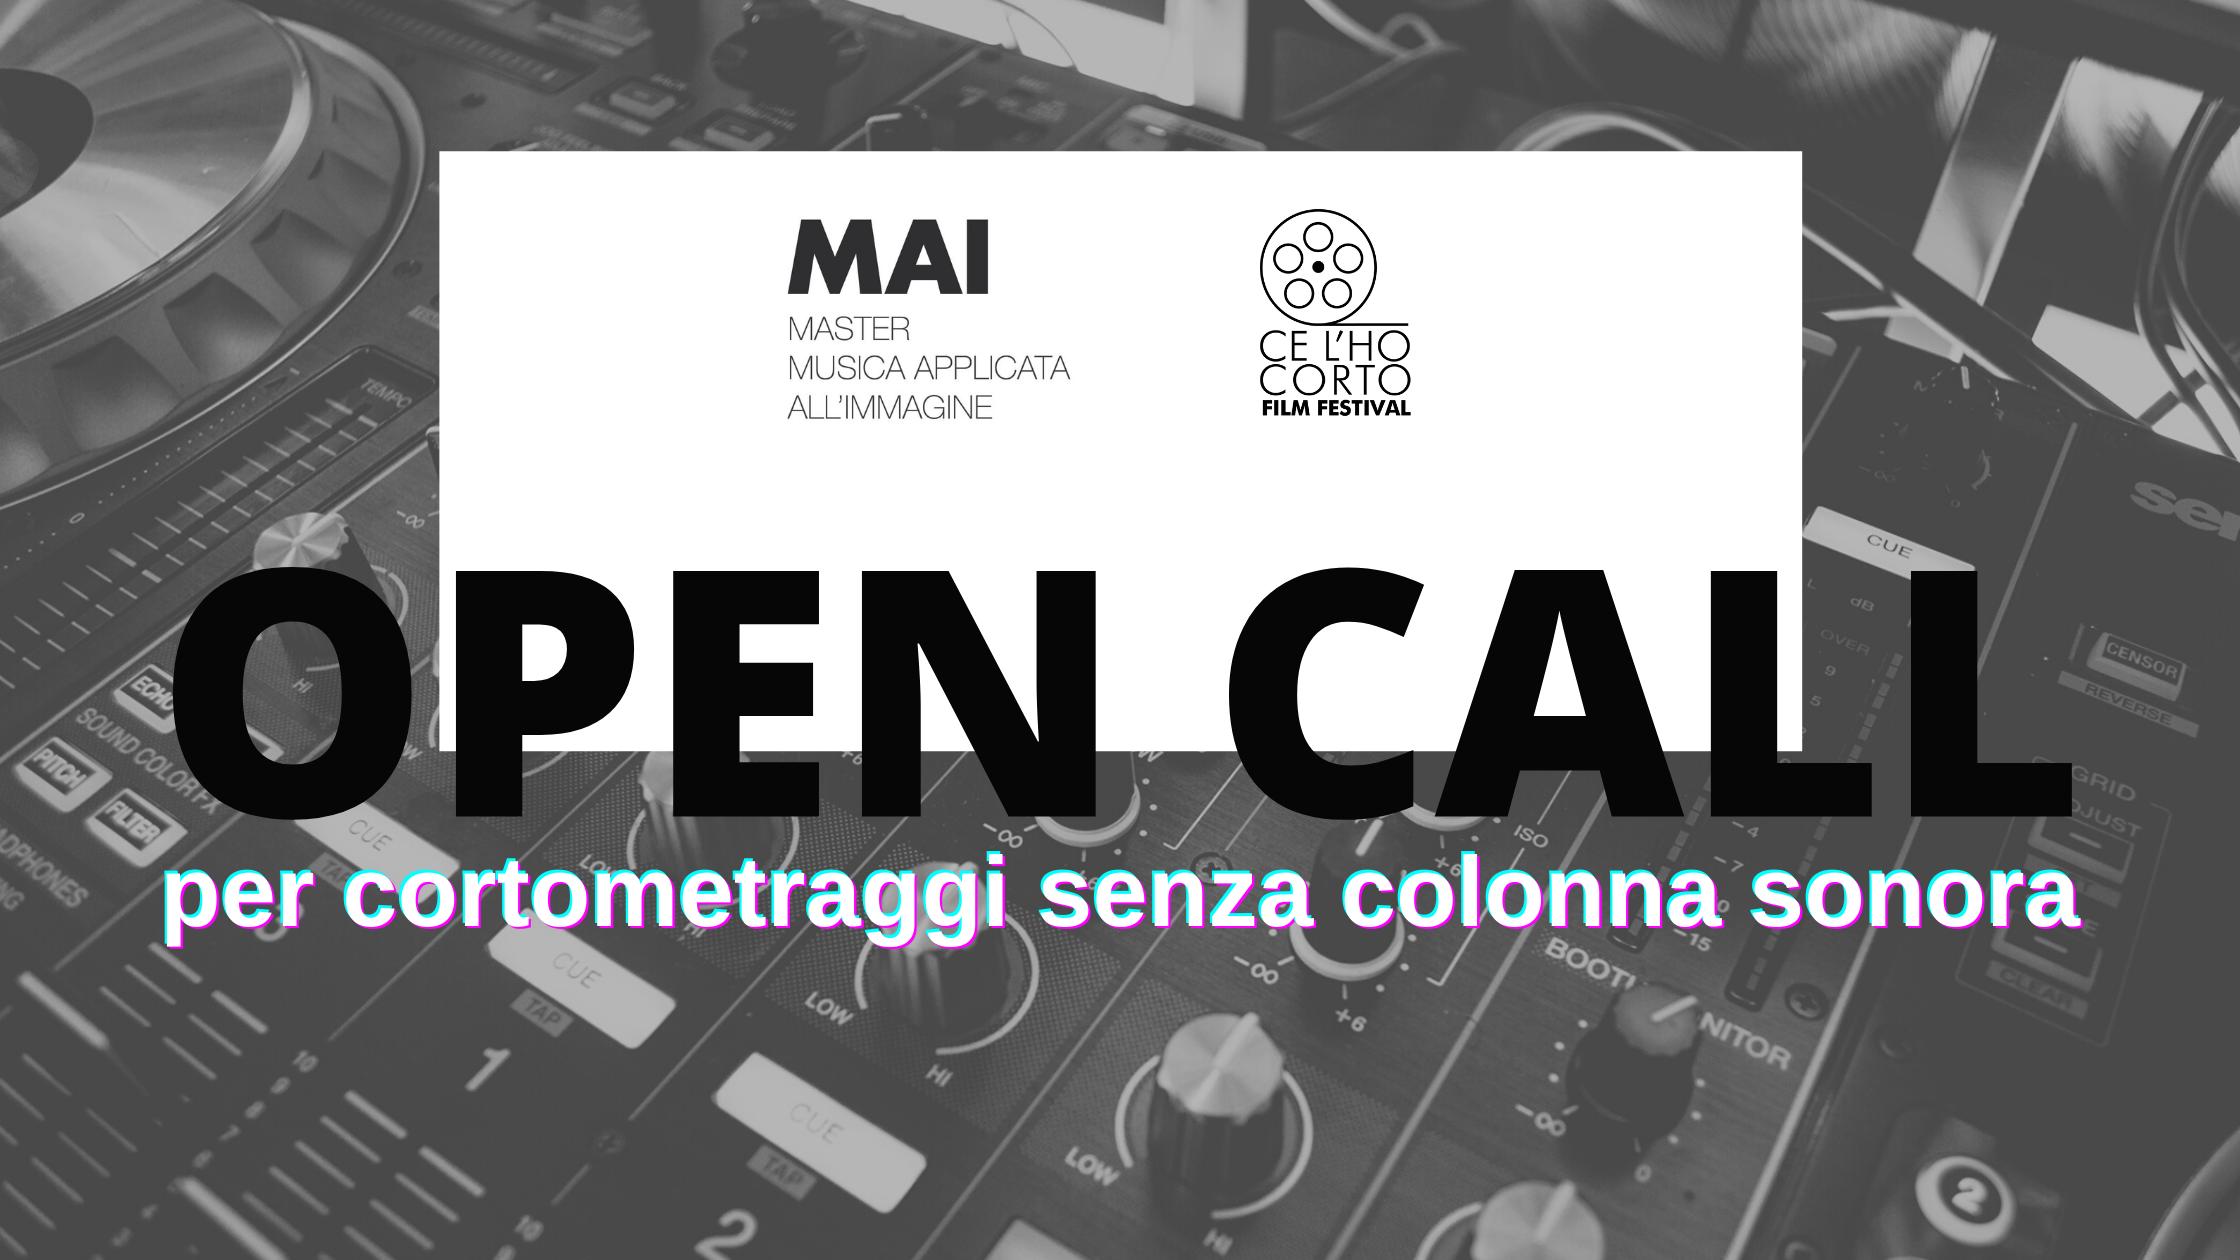 OPEN CALL PER CORTOMETRAGGI SENZA COLONNA SONORA